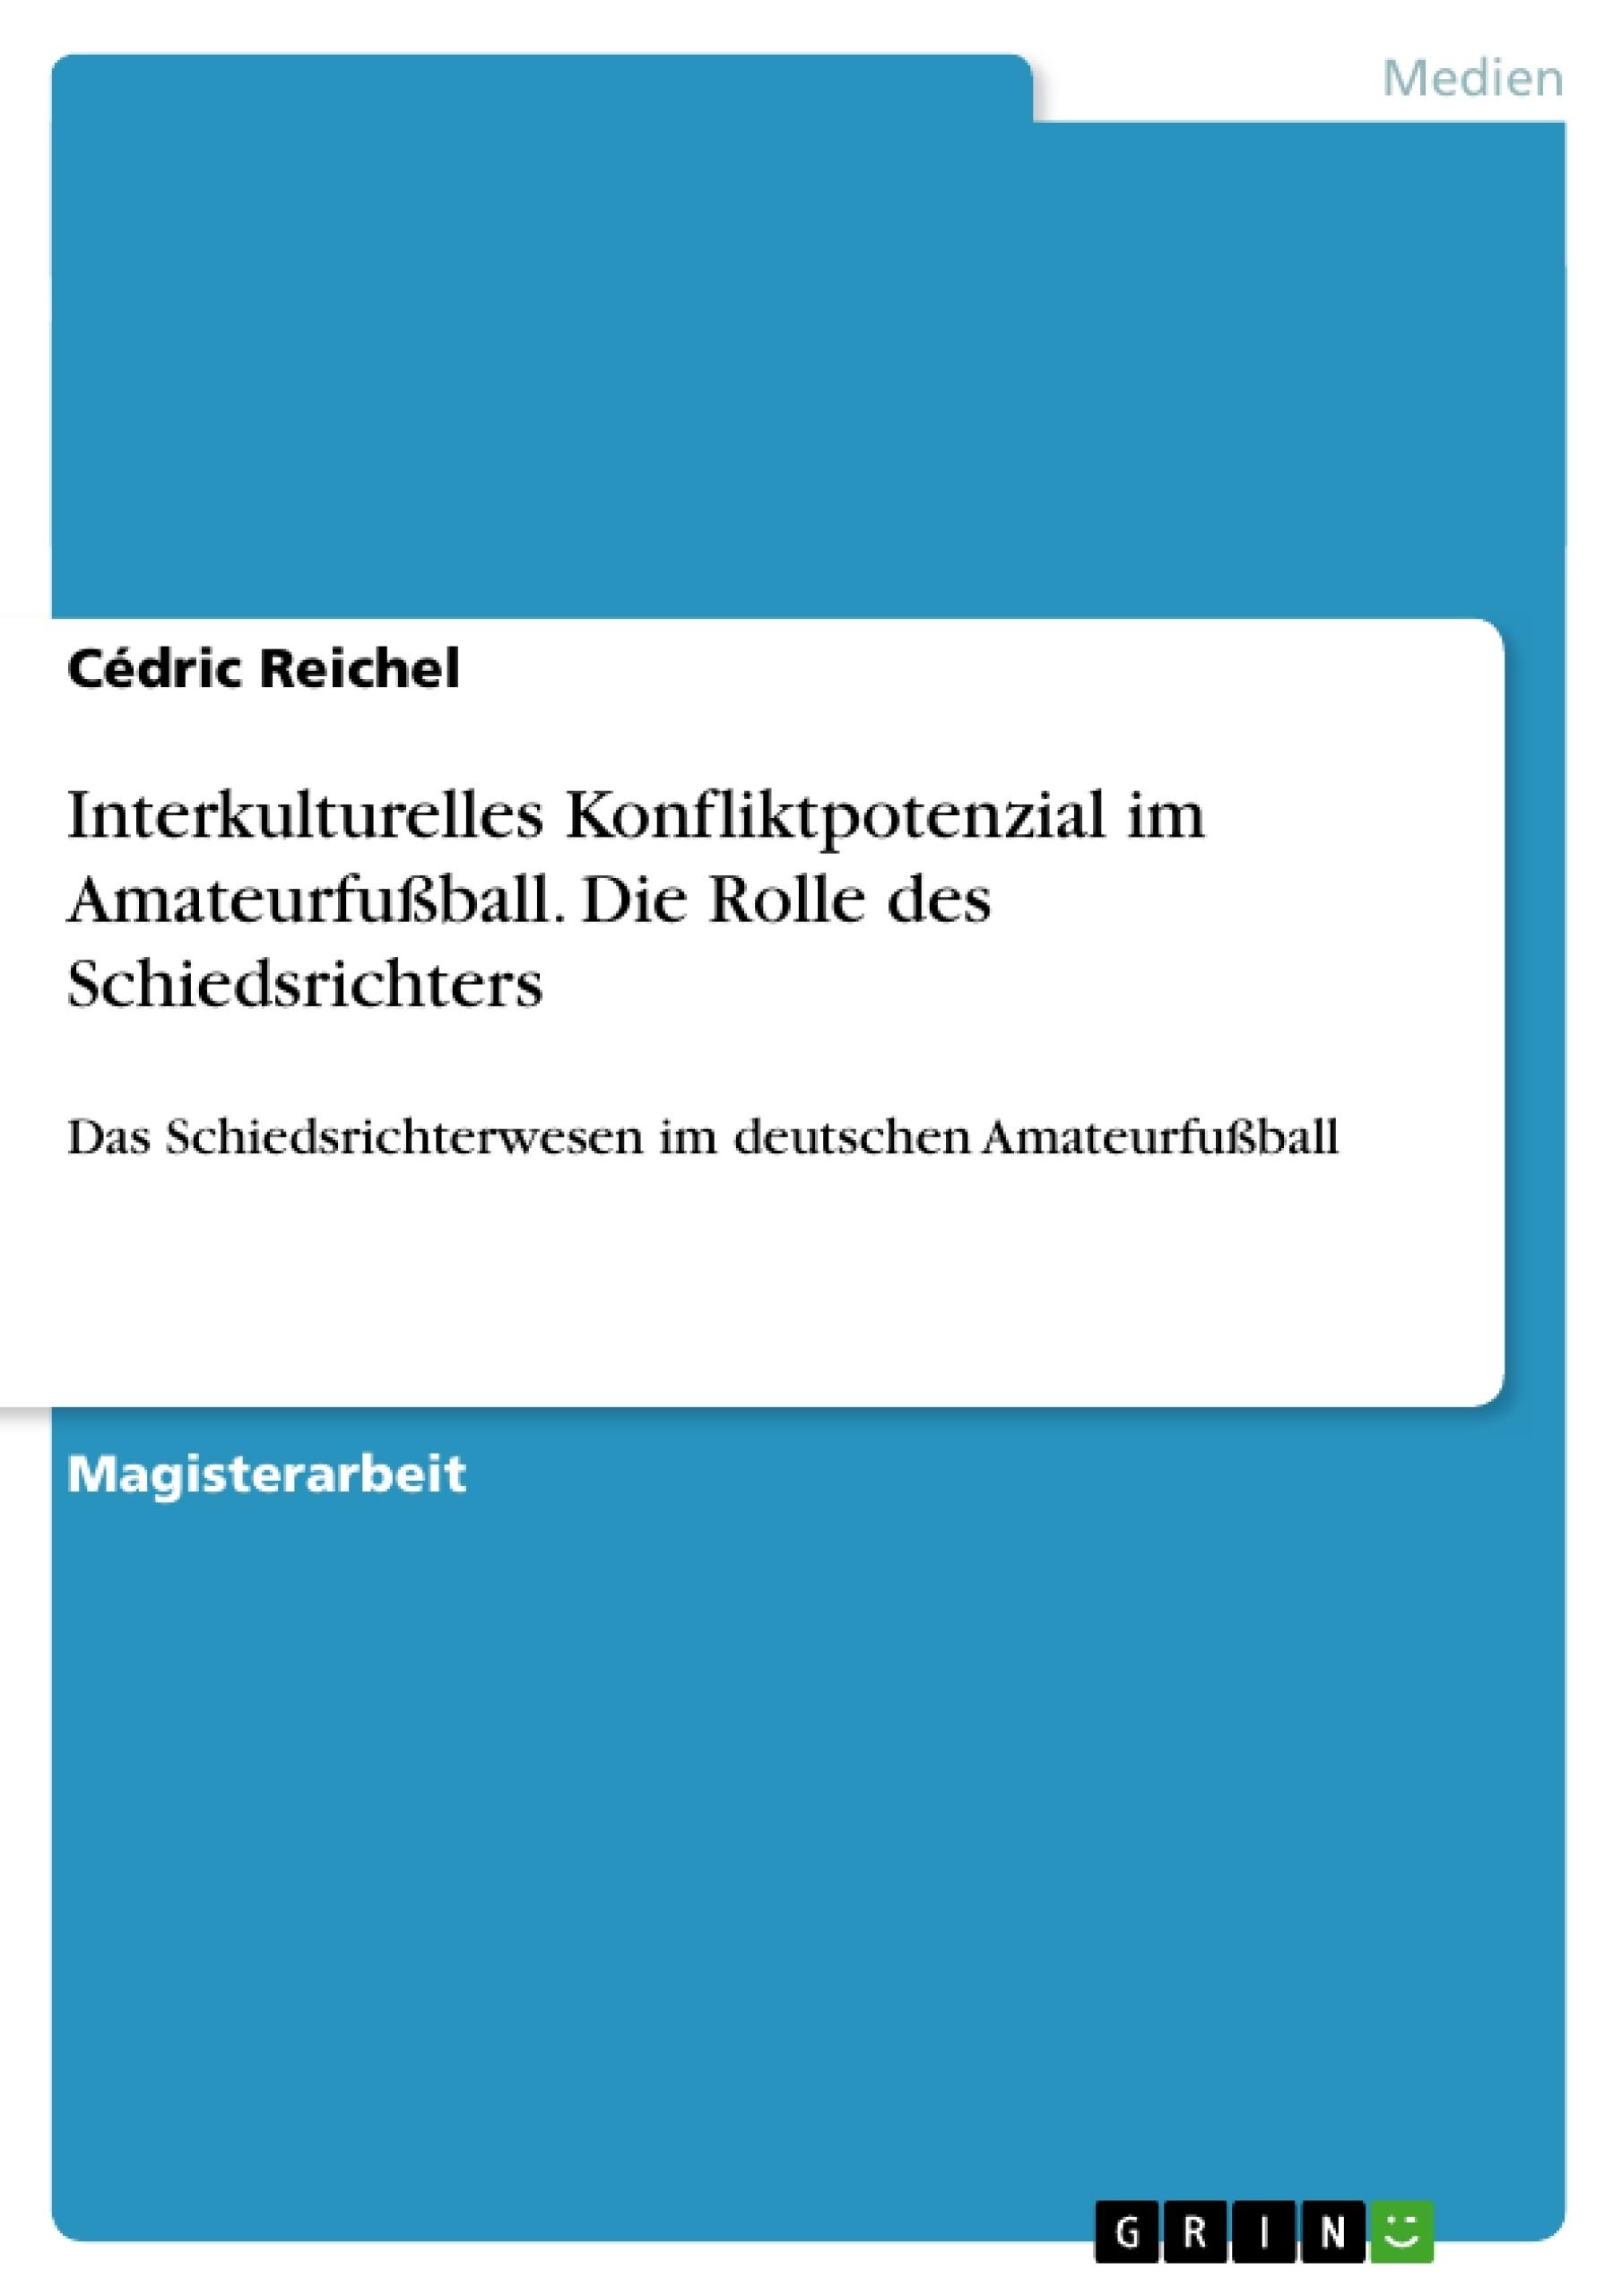 Titel: Interkulturelles Konfliktpotenzial im Amateurfußball. Die Rolle des Schiedsrichters